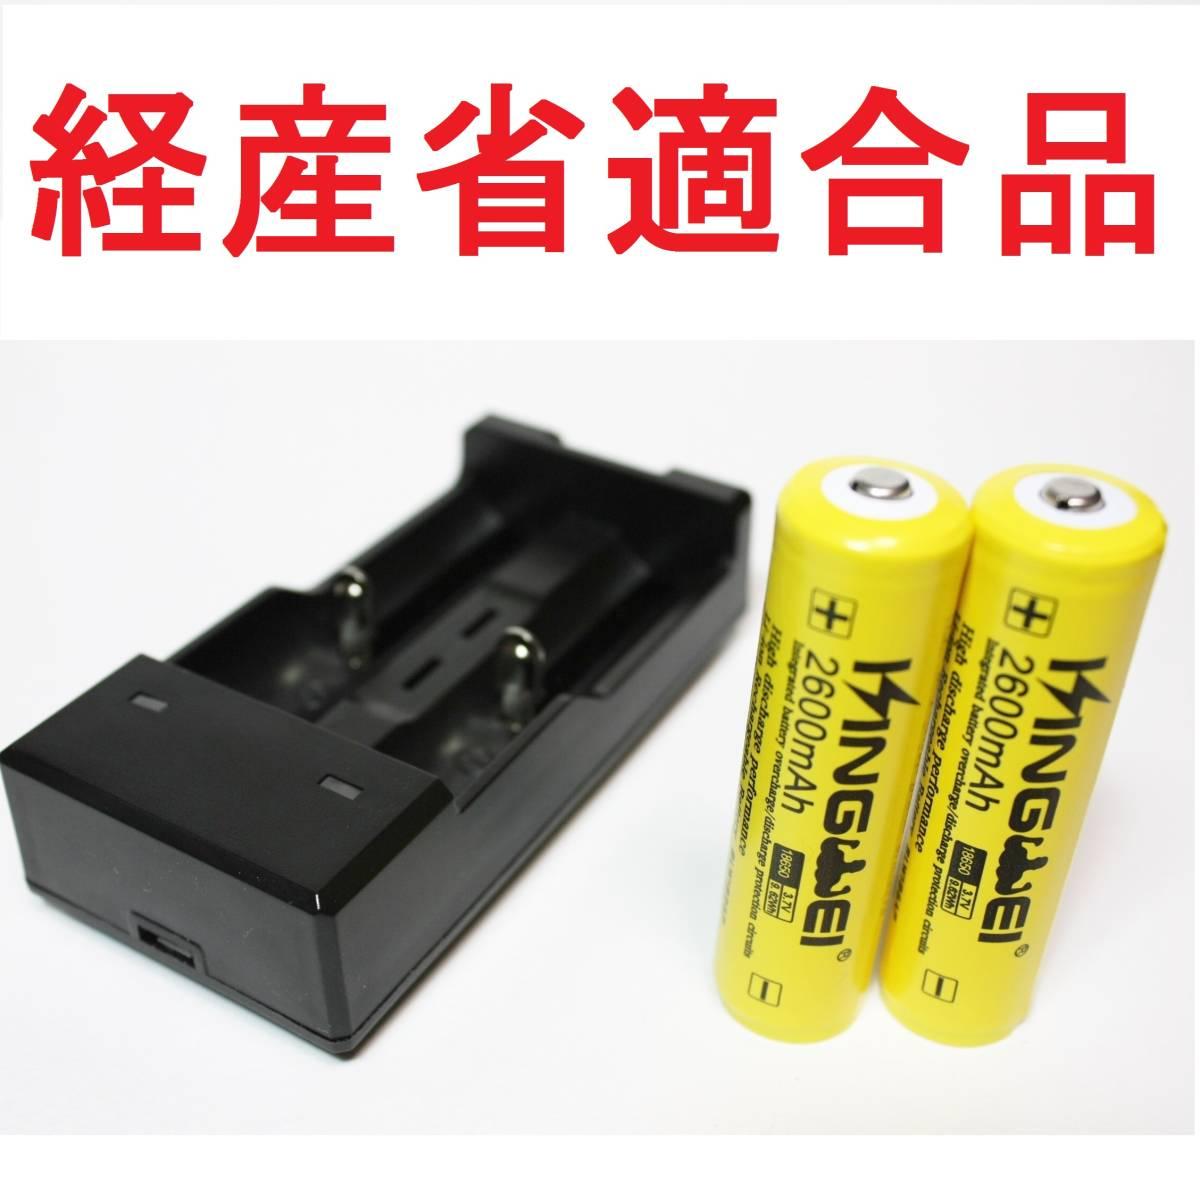 正規容量 18650 経済産業省適合品 リチウムイオン 充電池 2本 + 急速充電器 バッテリー 懐中電灯 ヘッドライト03_画像1